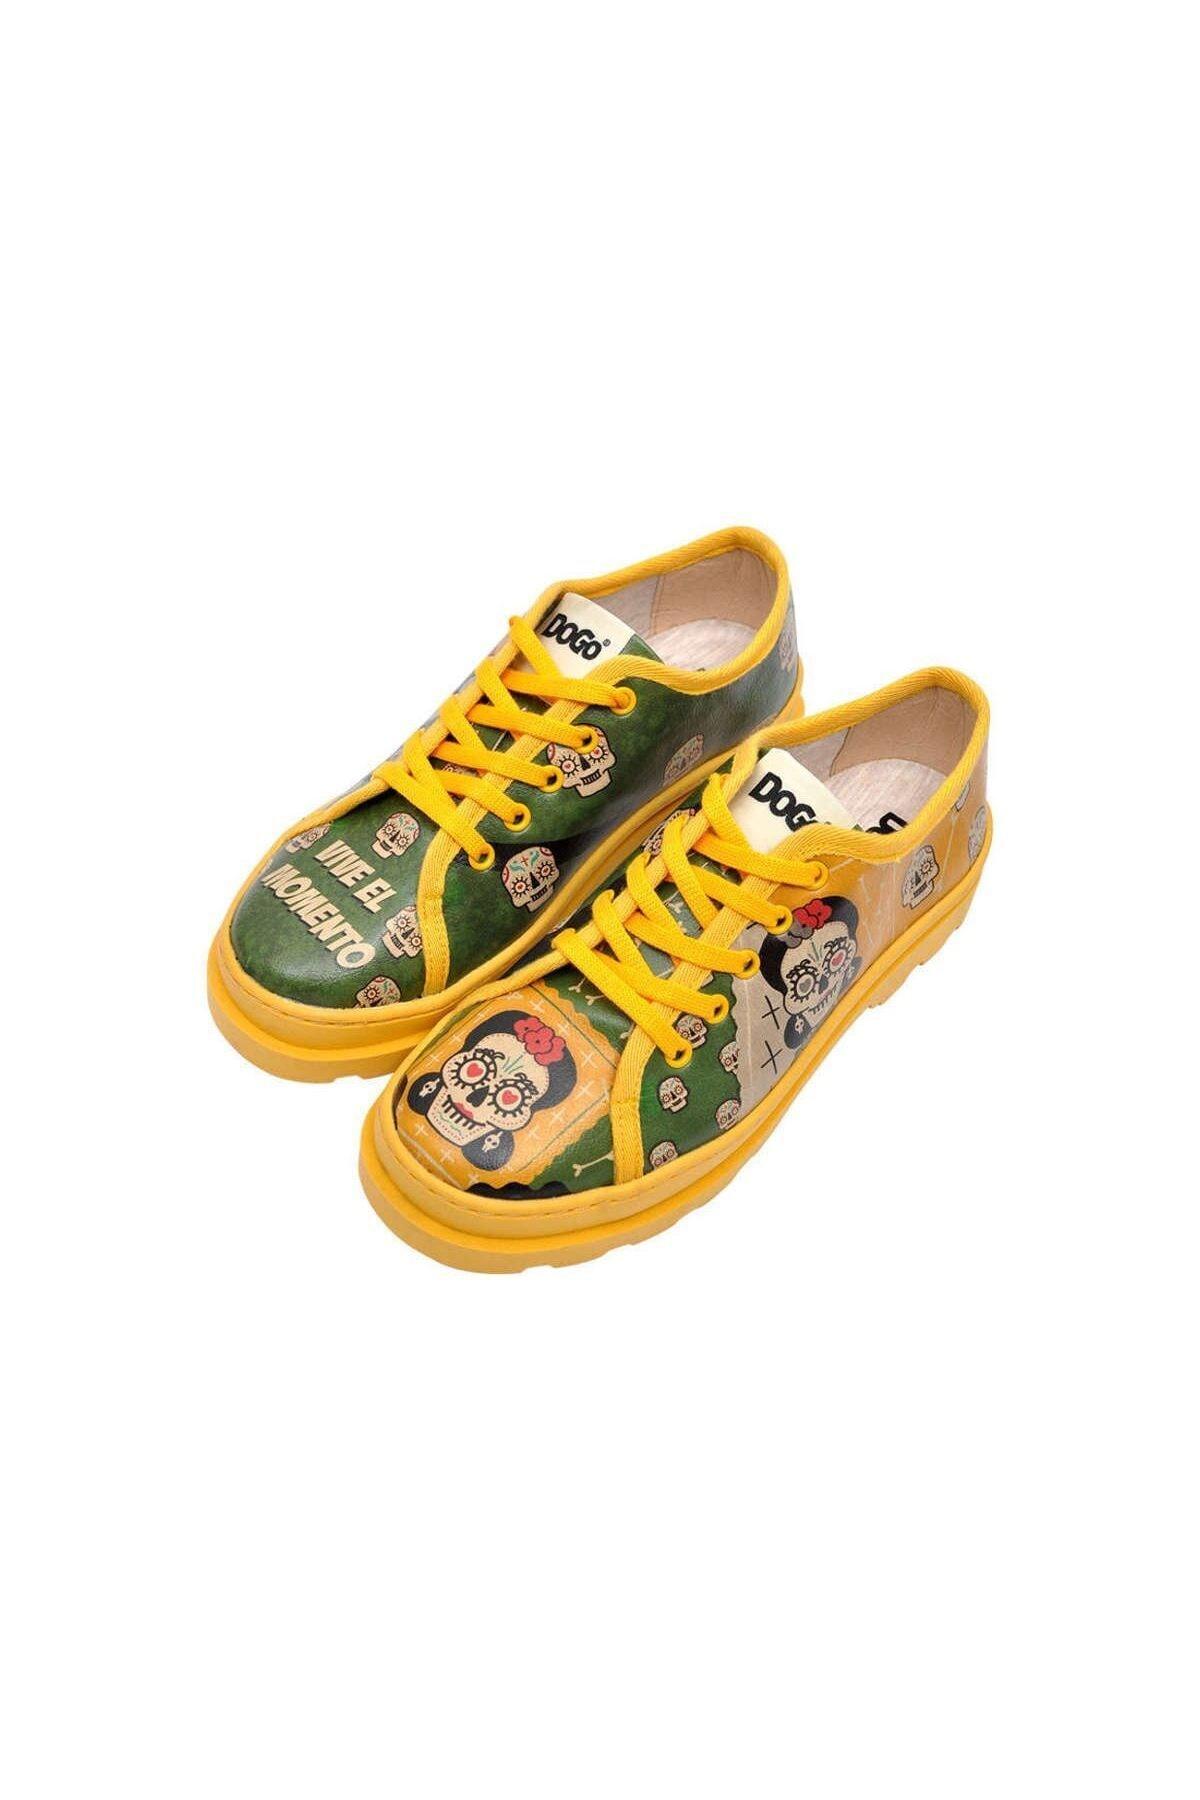 Dogo Kadın Ayakkabı 1